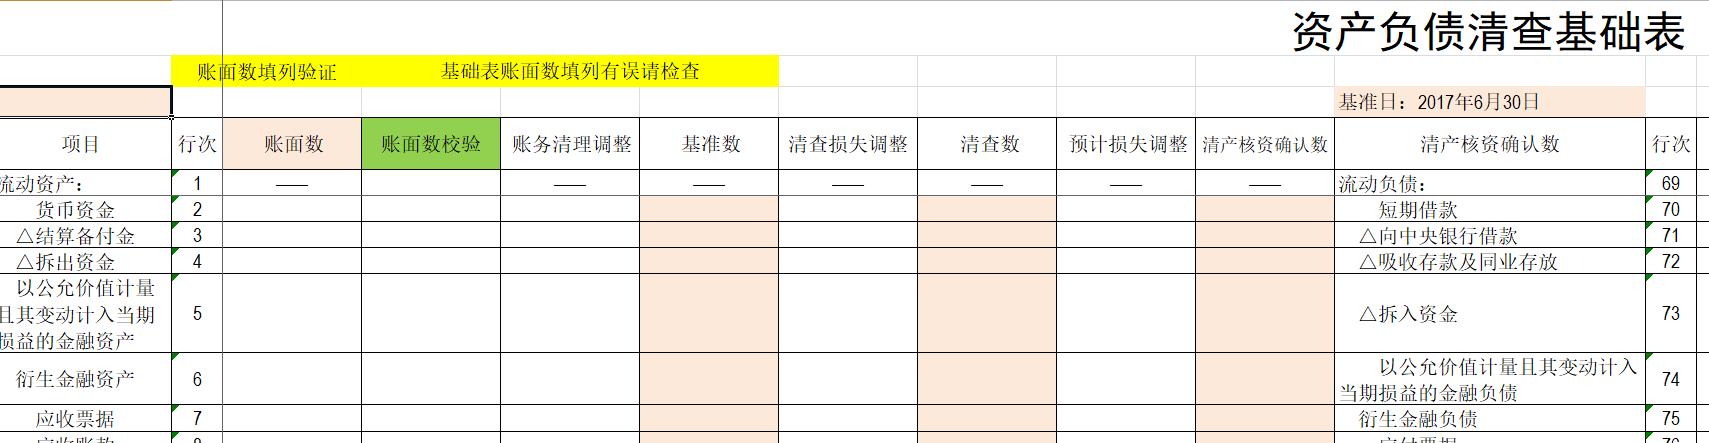 类似于这种表格,你可以到网上下载